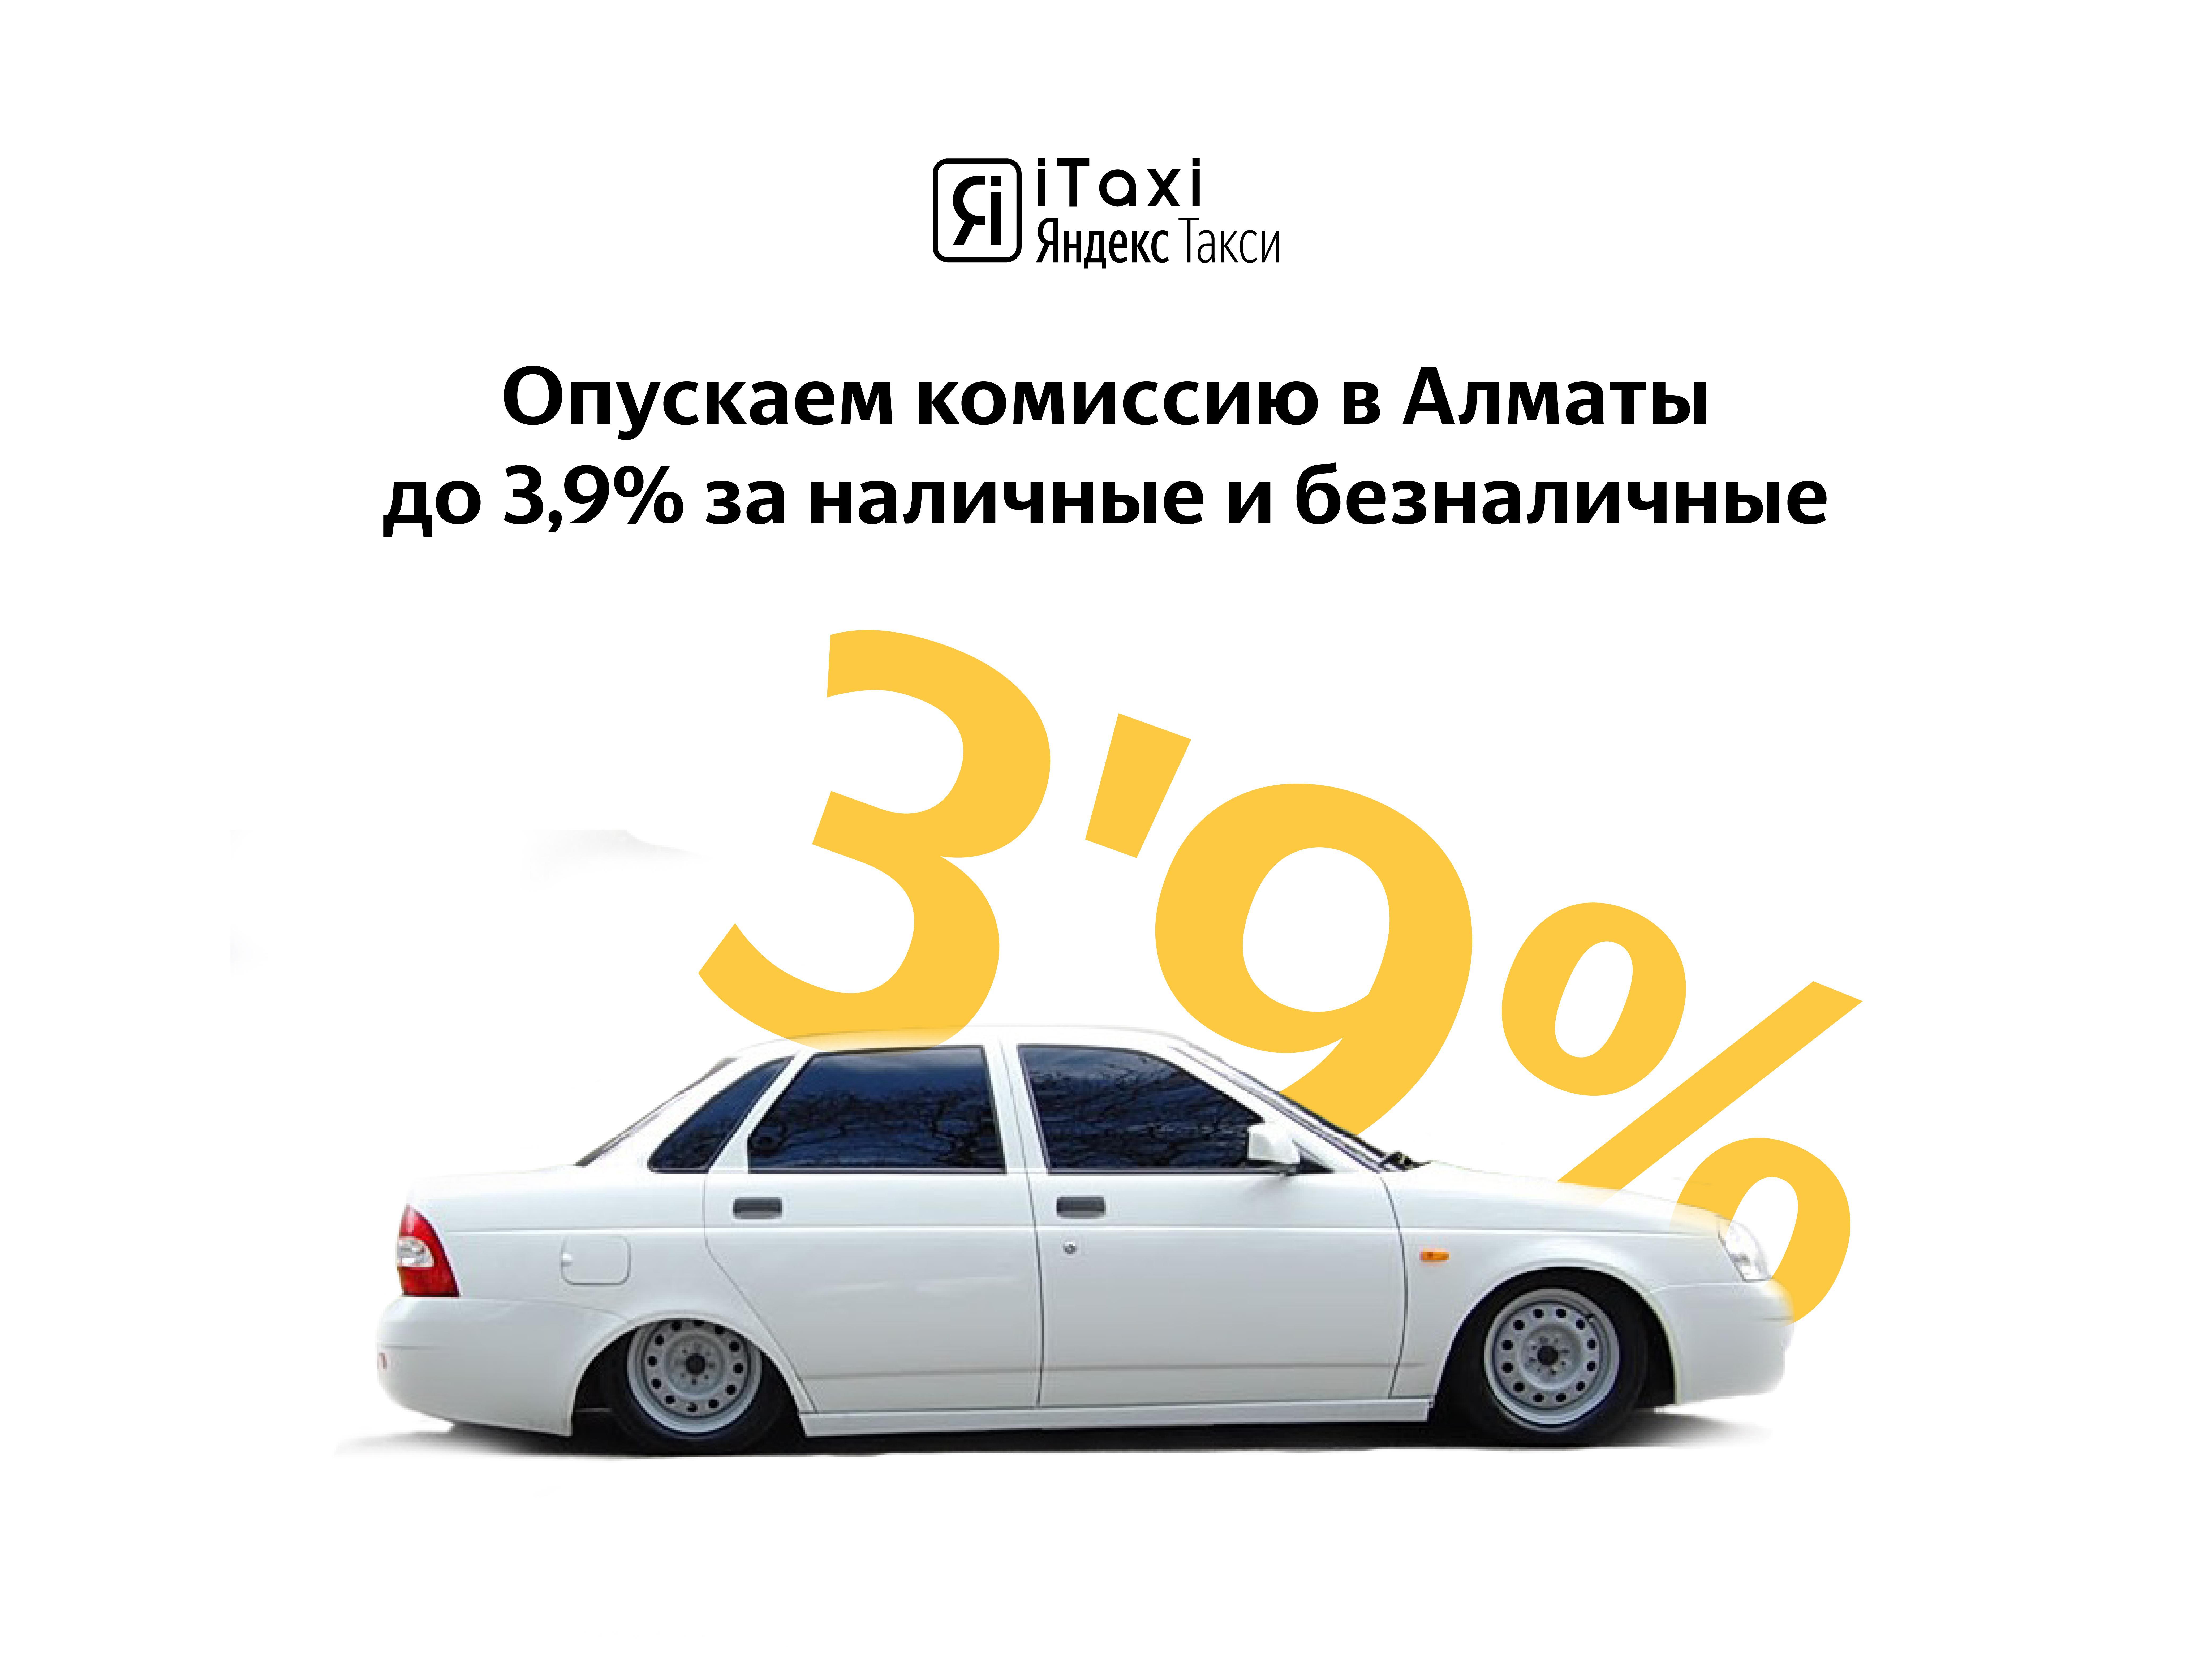 Cнижение комиссии в Алматы